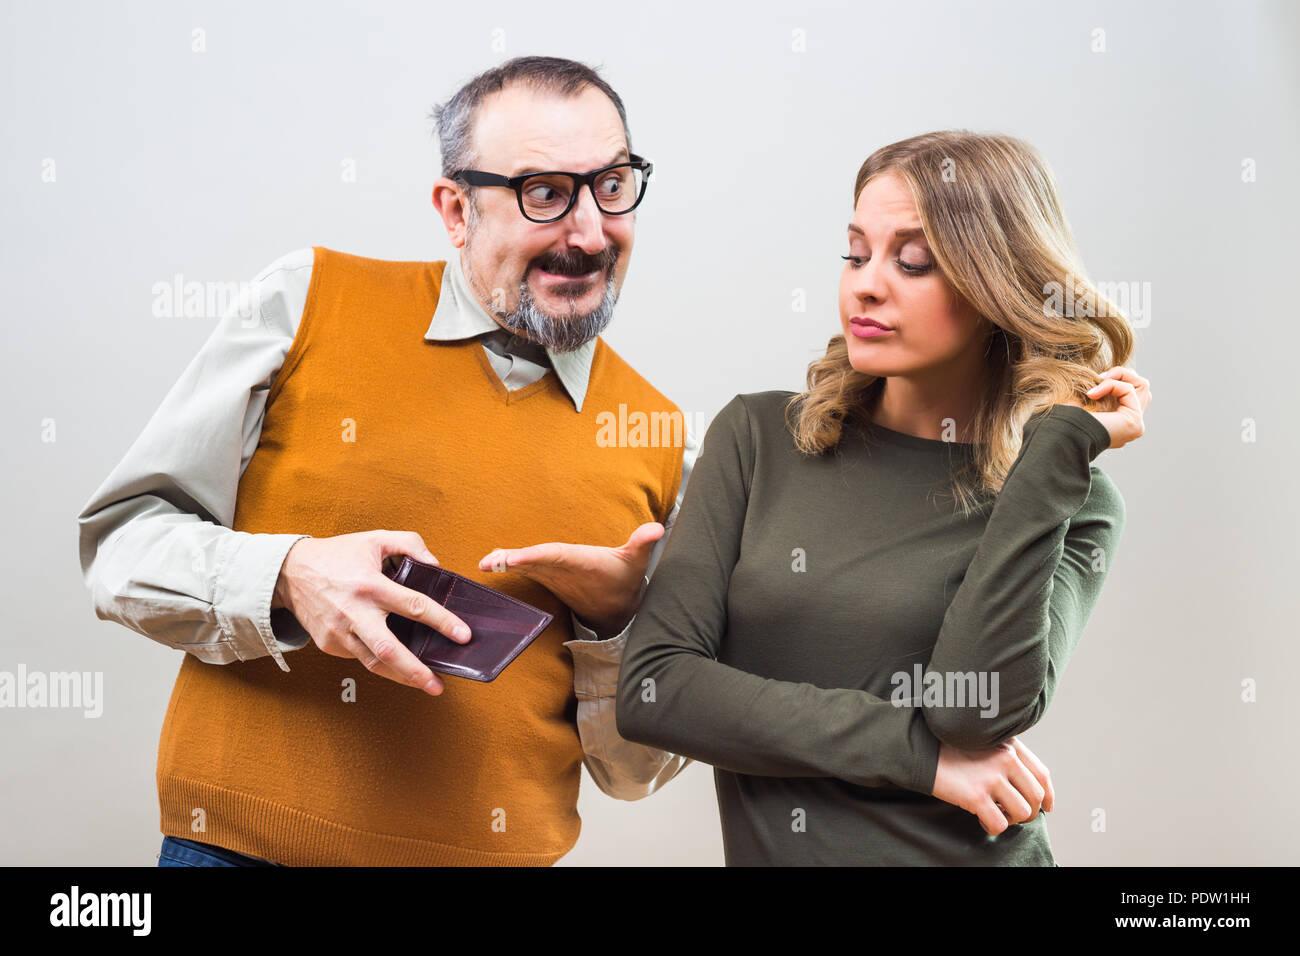 Nerdy que el hombre está tratando de obtener la atención de una mujer hermosa, mostrando su billetera llena de dinero, pero ella todavía no está interesado. Imagen De Stock